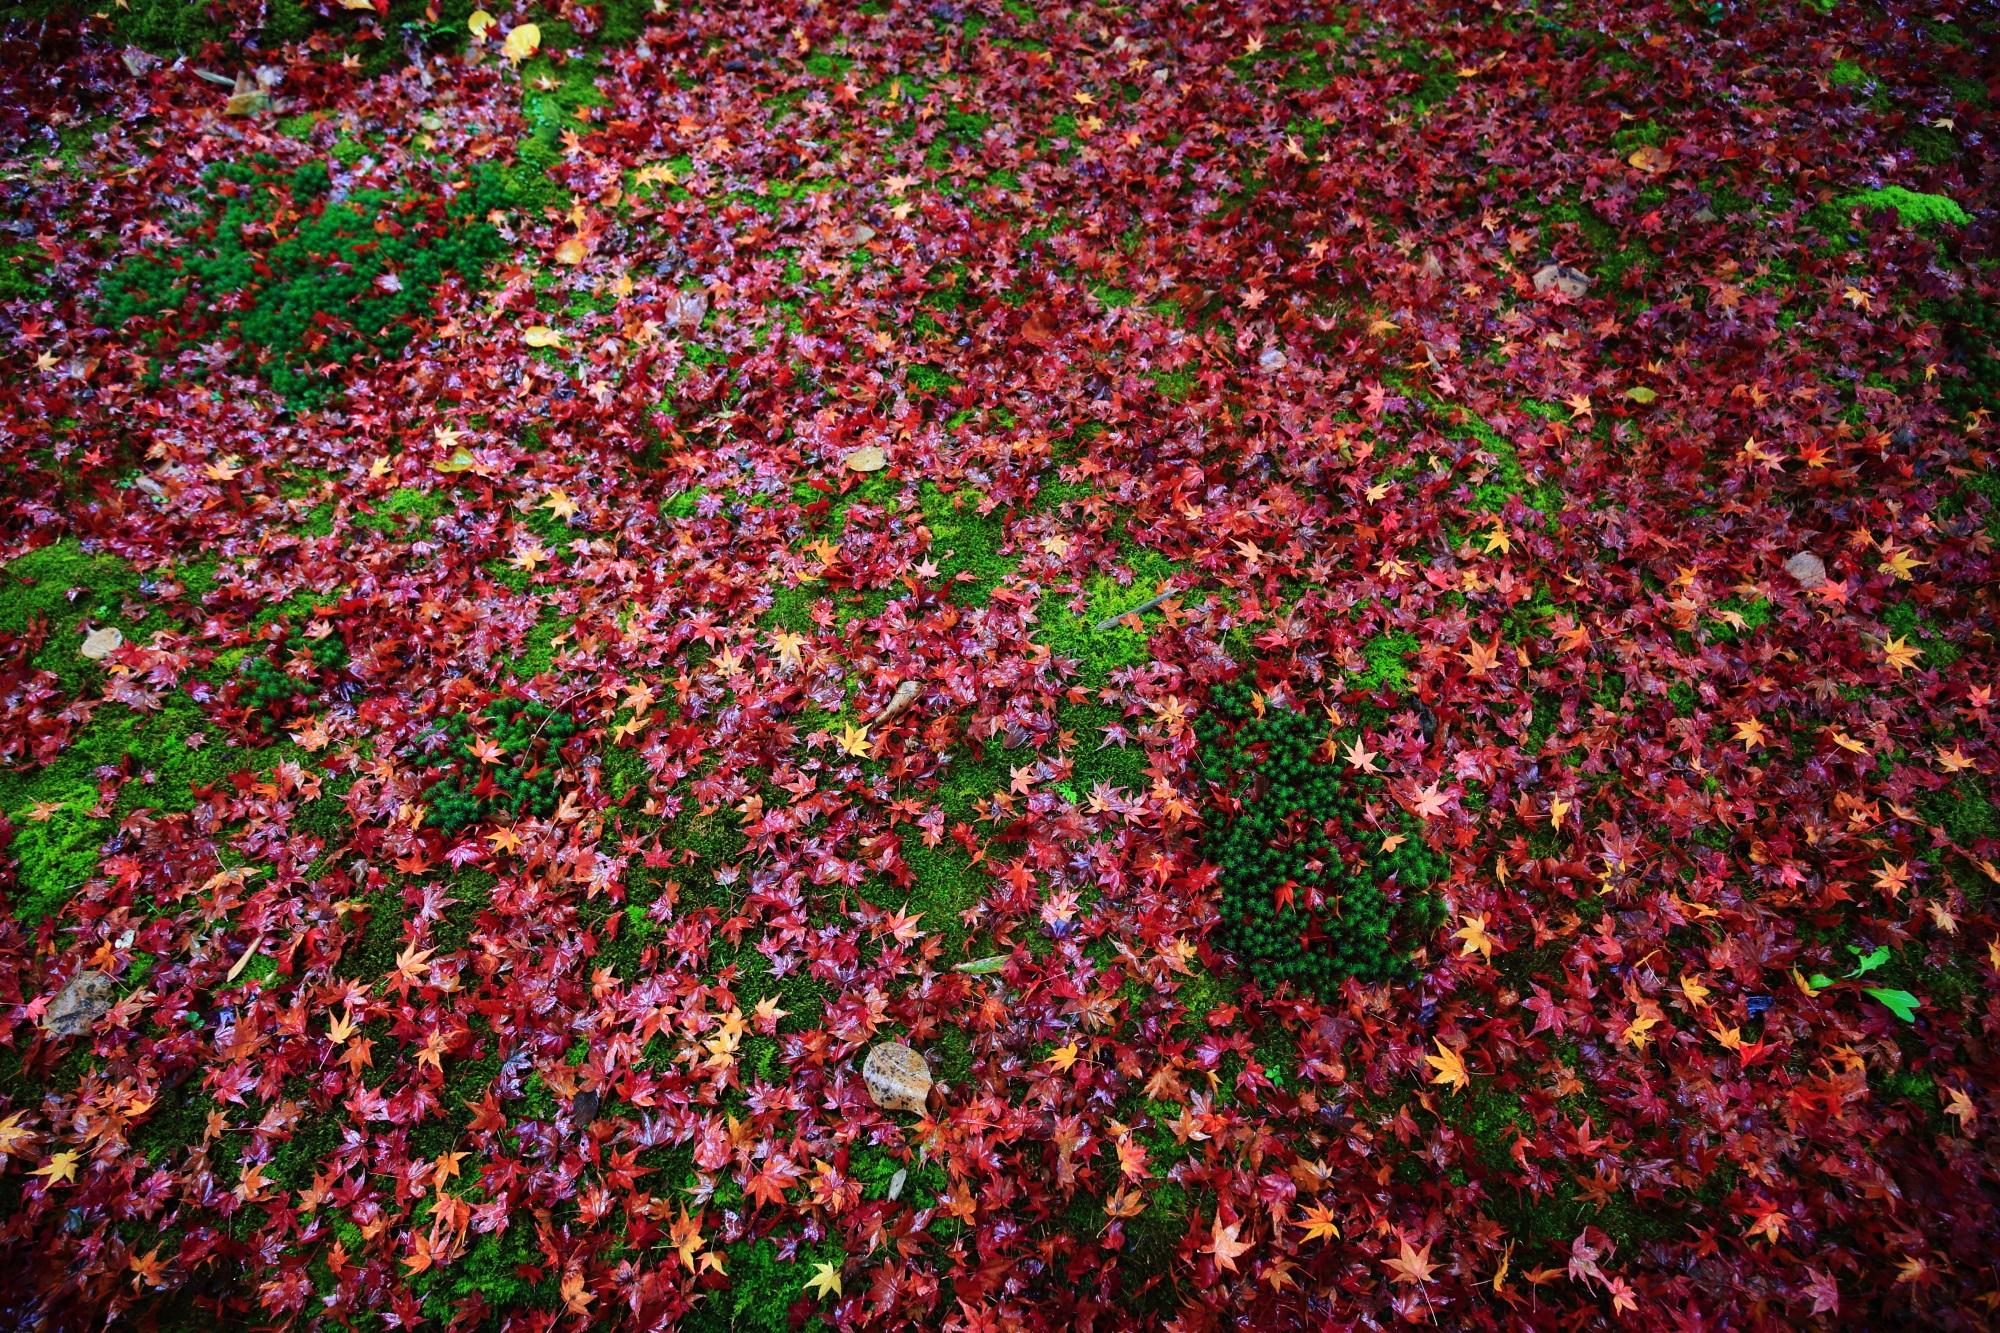 紅葉の穴場の直指庵(じきしあん)の美しい苔と散りもみじ